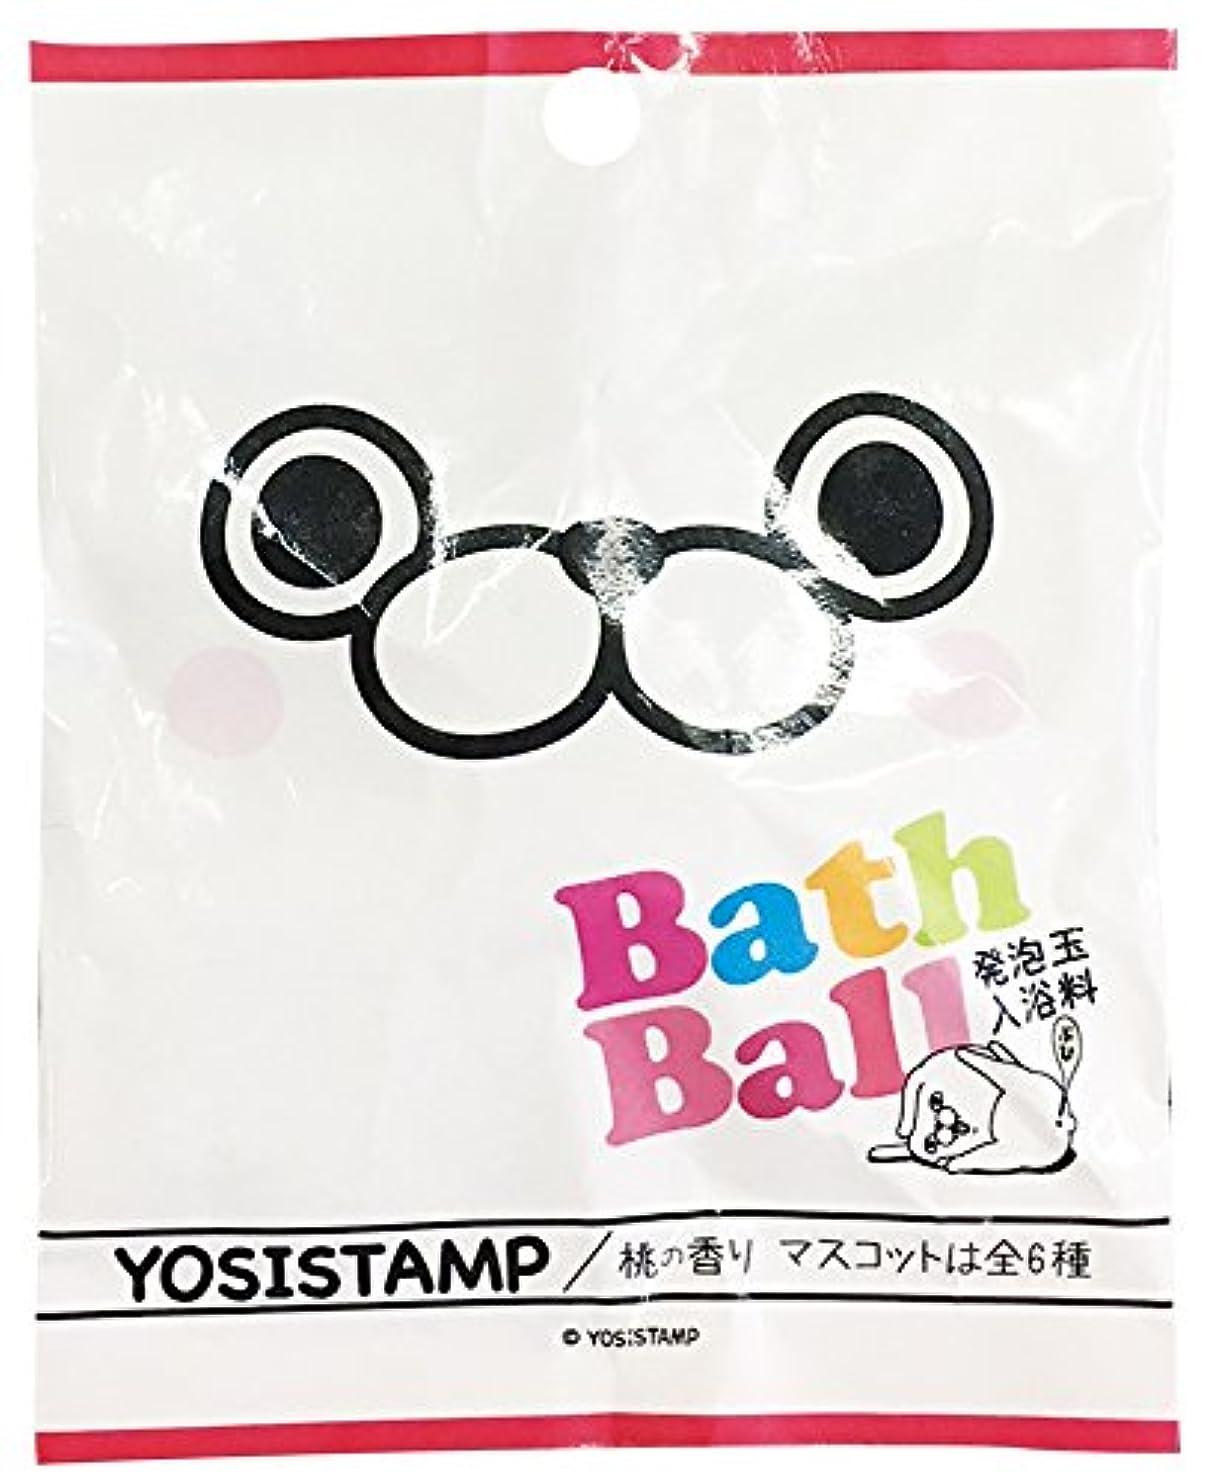 日マネージャー虚栄心ヨッシースタンプ 入浴剤 バスボール おまけ付き 桃の香り ABD-004-001